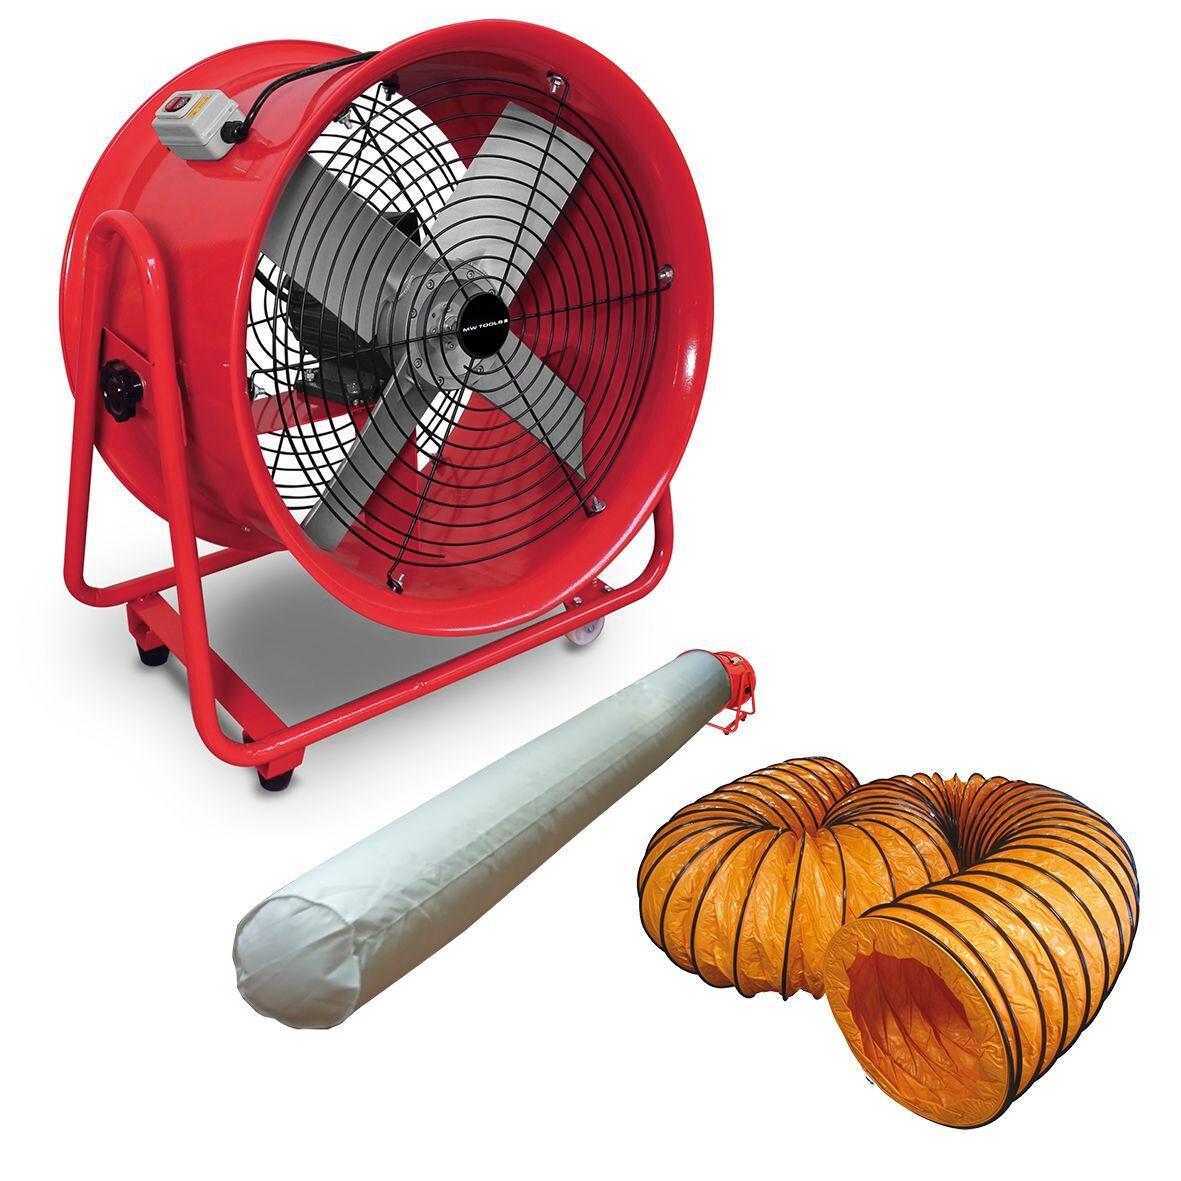 Mw-tools Ventilateur extracteur 500 mm - 1100W 380V avec tuyau et sac filtrant MW-Tools MV500R3SET